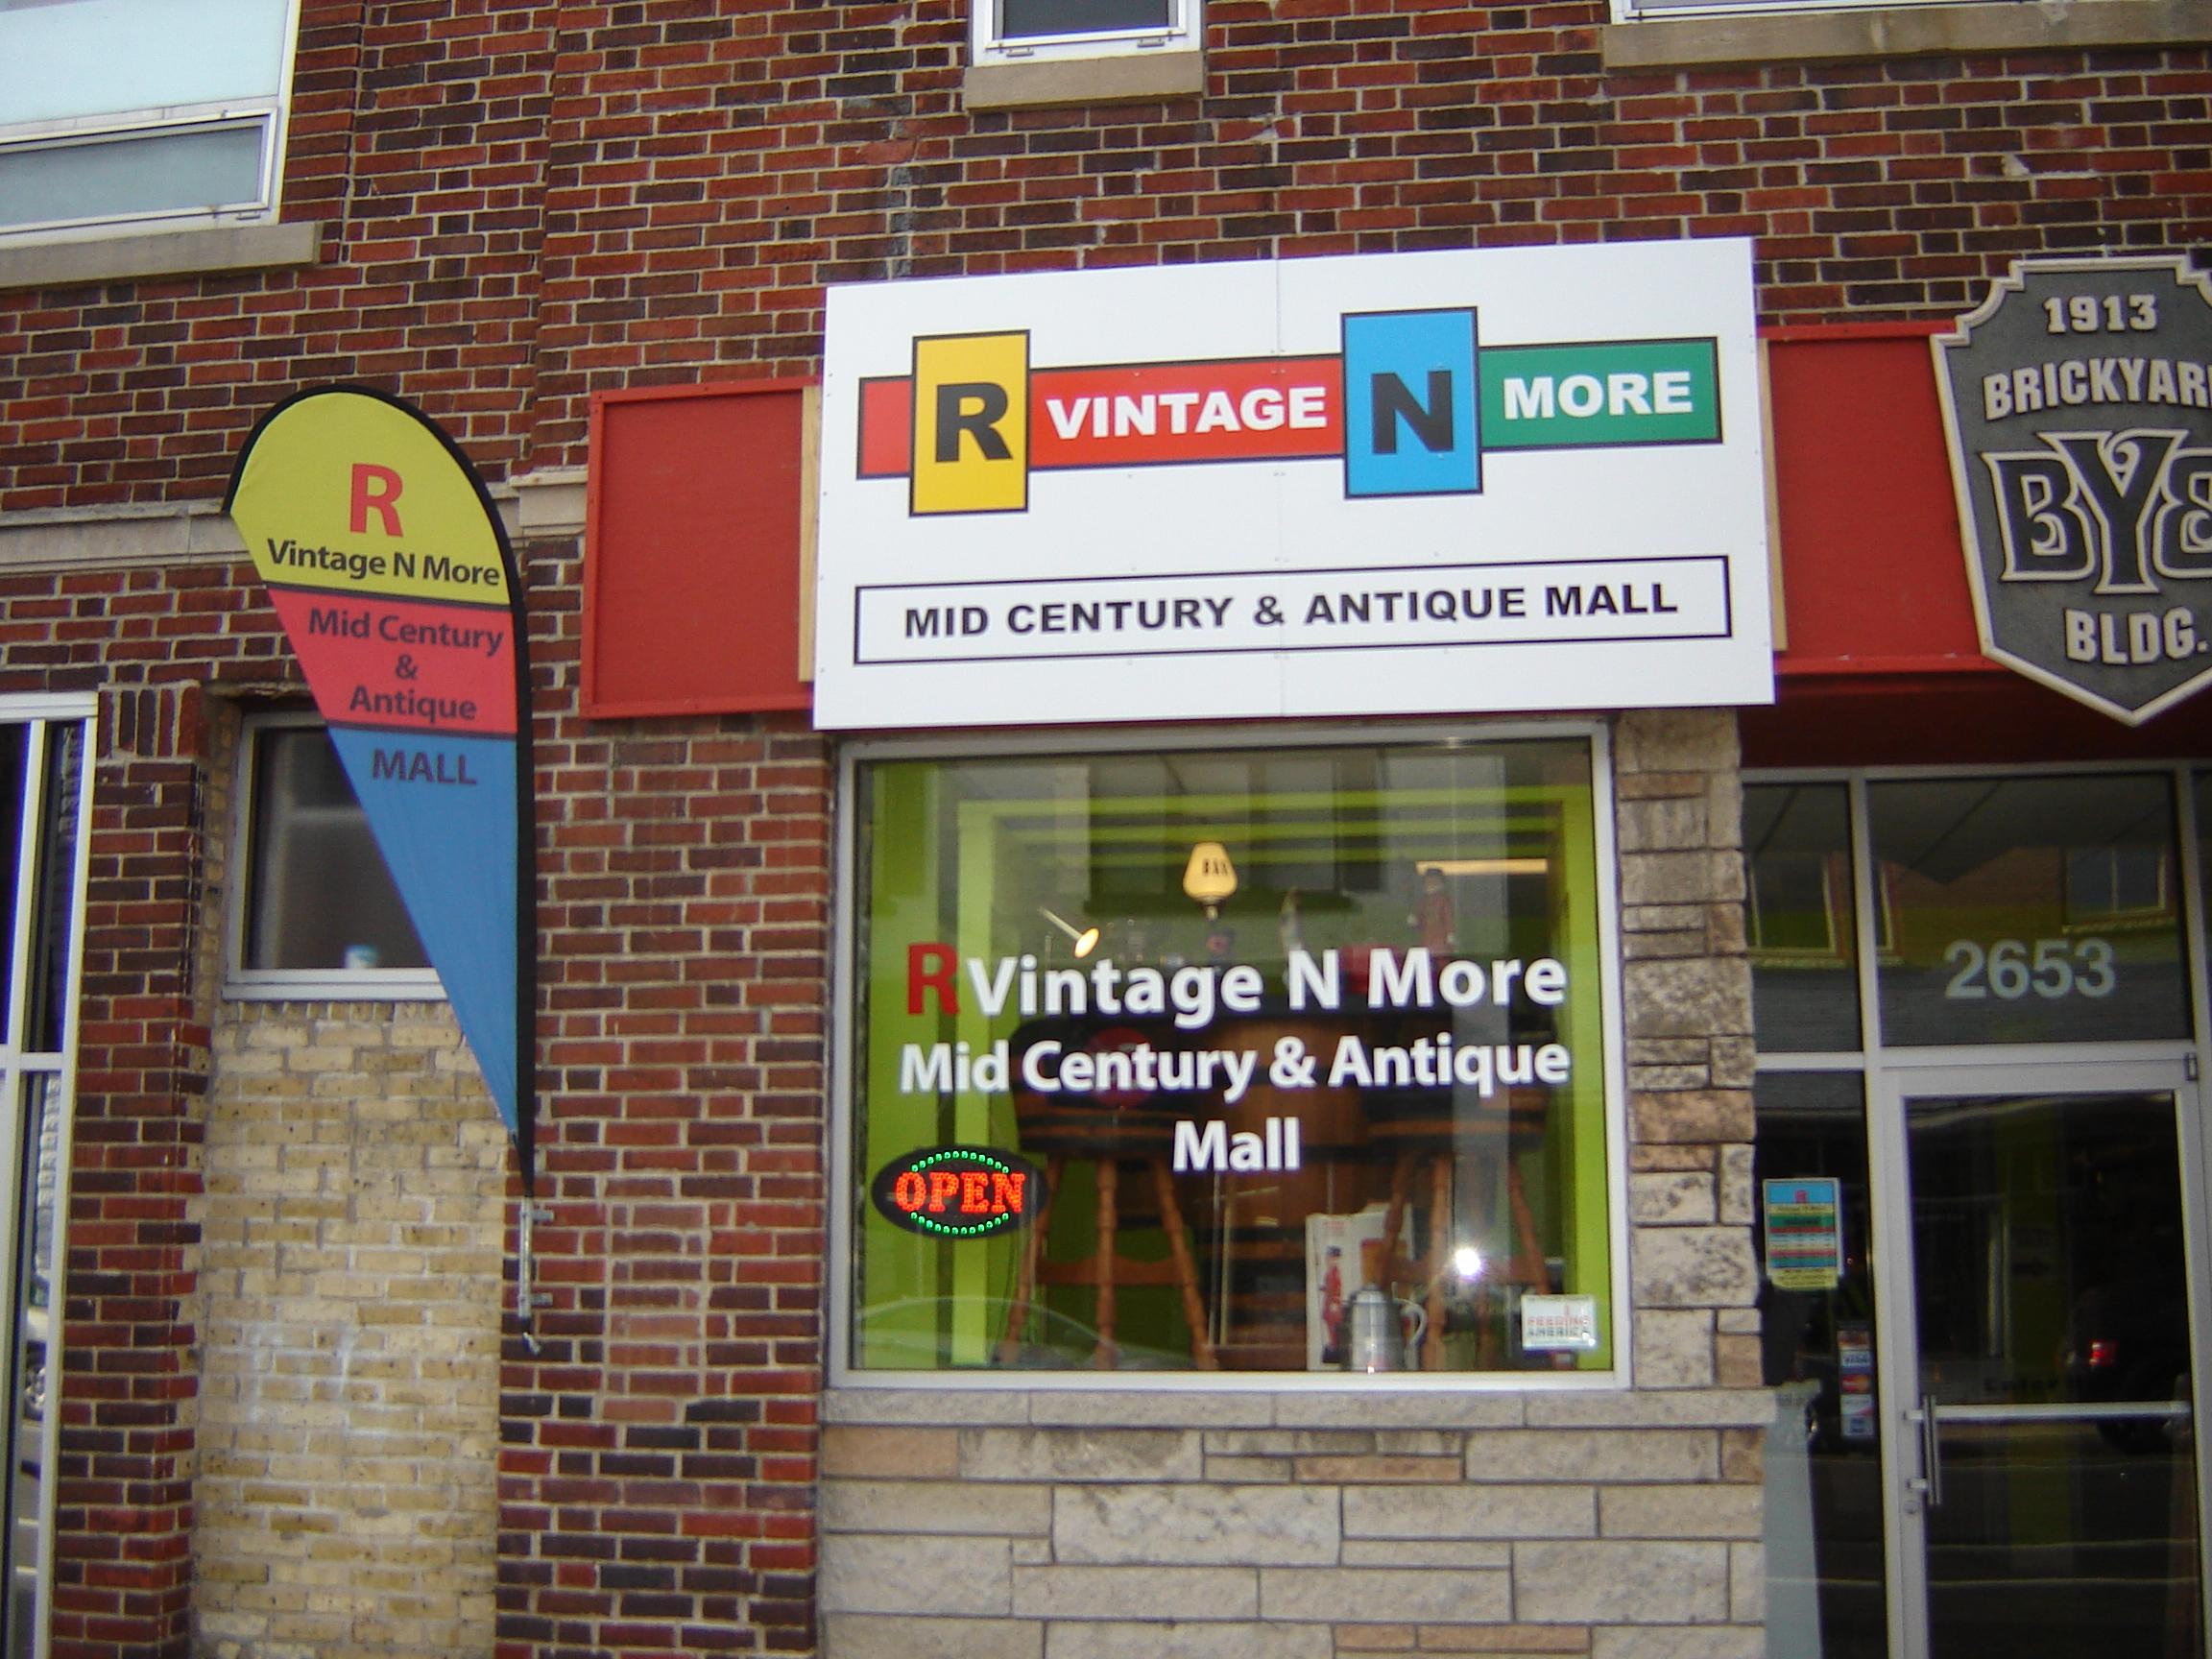 R Vintage N More, LLC   Mid Century U0026 Antique Mall Milwaukee